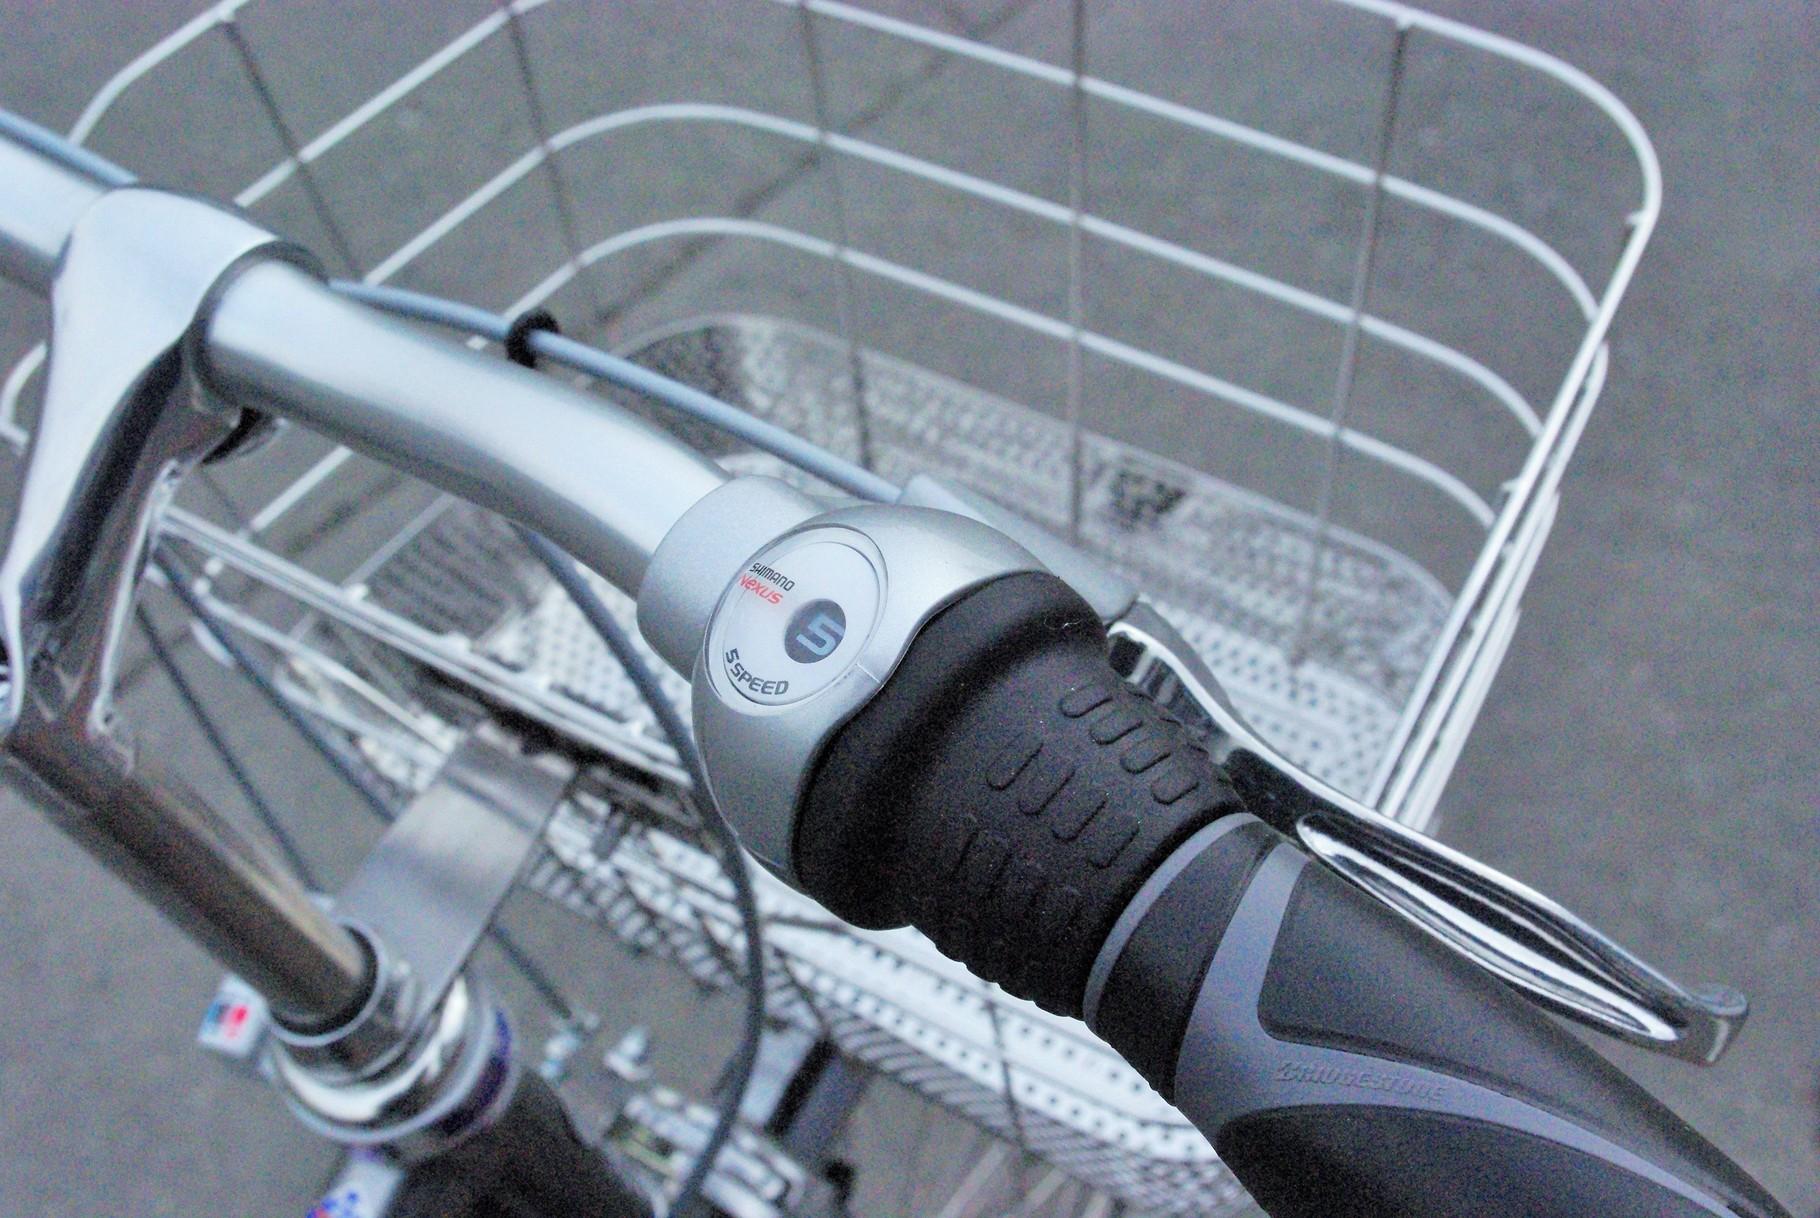 シマノ製内装5段変速。より最適なギア比で走れて、雨や汚れに強く、長期間メンテナンスフリーに近い安心システムです。